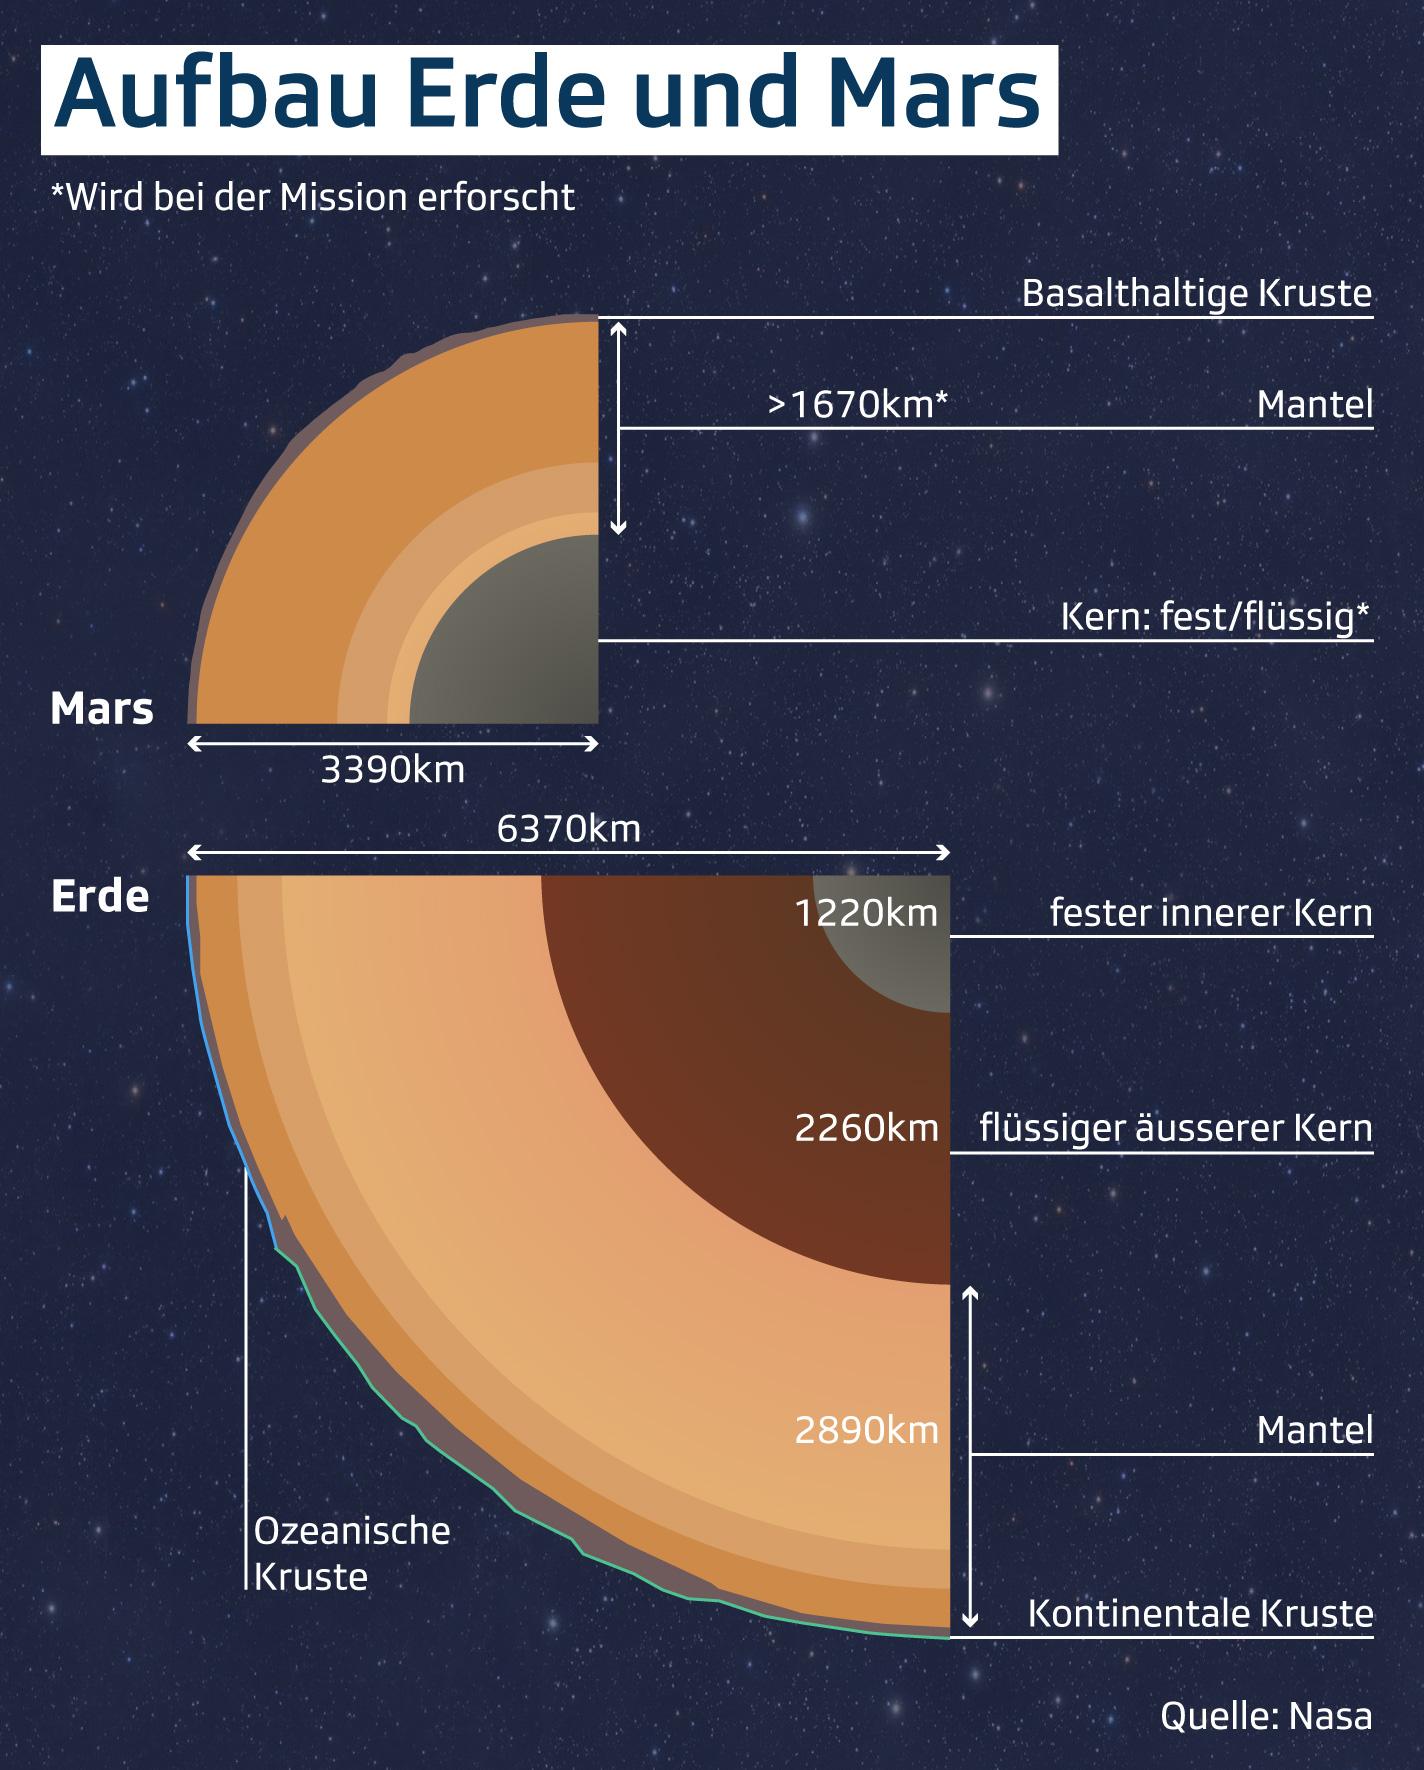 Aufbau Erde und Mars